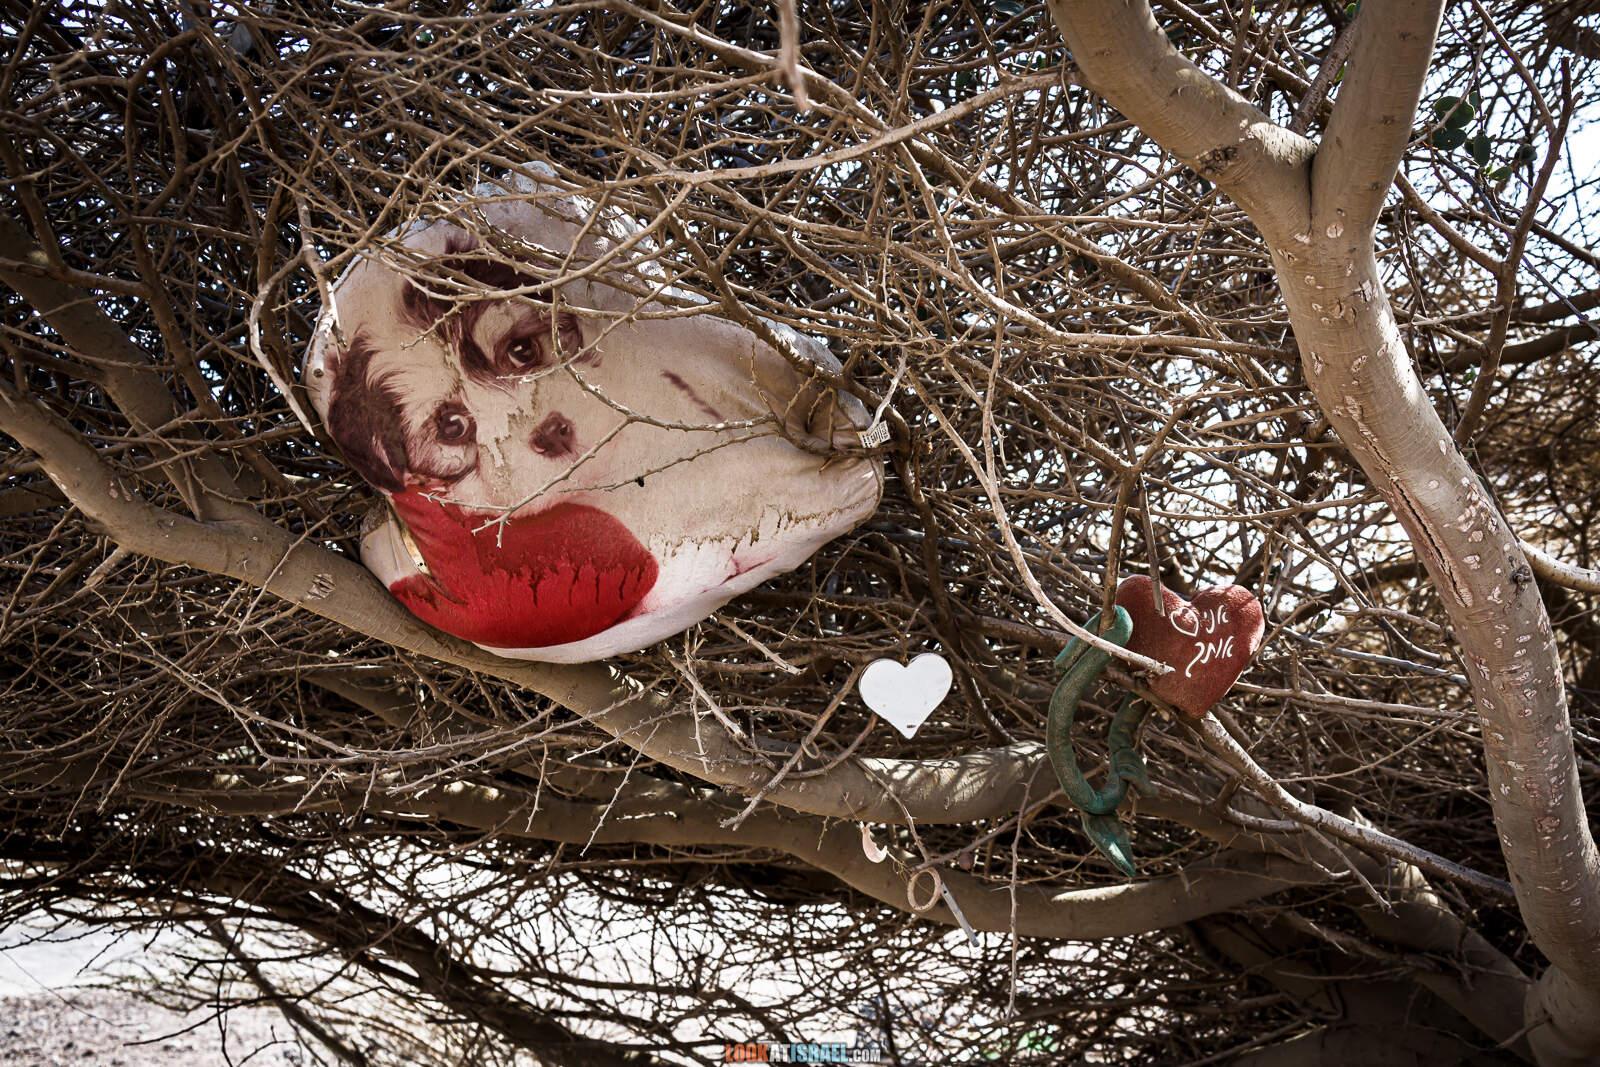 Кладбище домашних животных (собак), Эйлат, Израиль | LookAtIsrael.com - Фото путешествия по Израилю